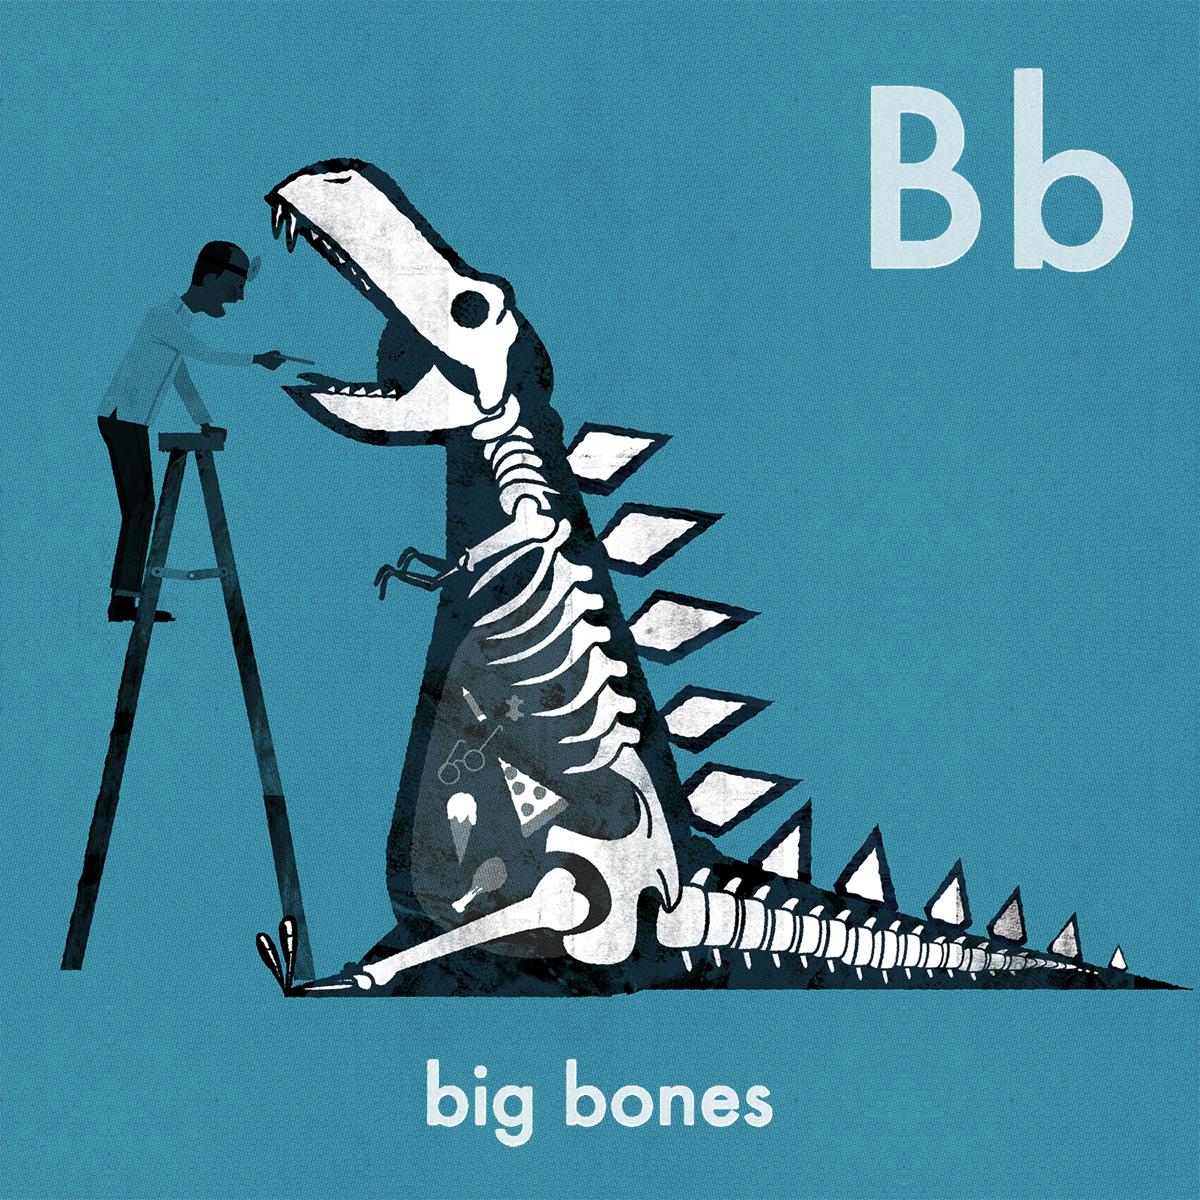 bigbones.jpg